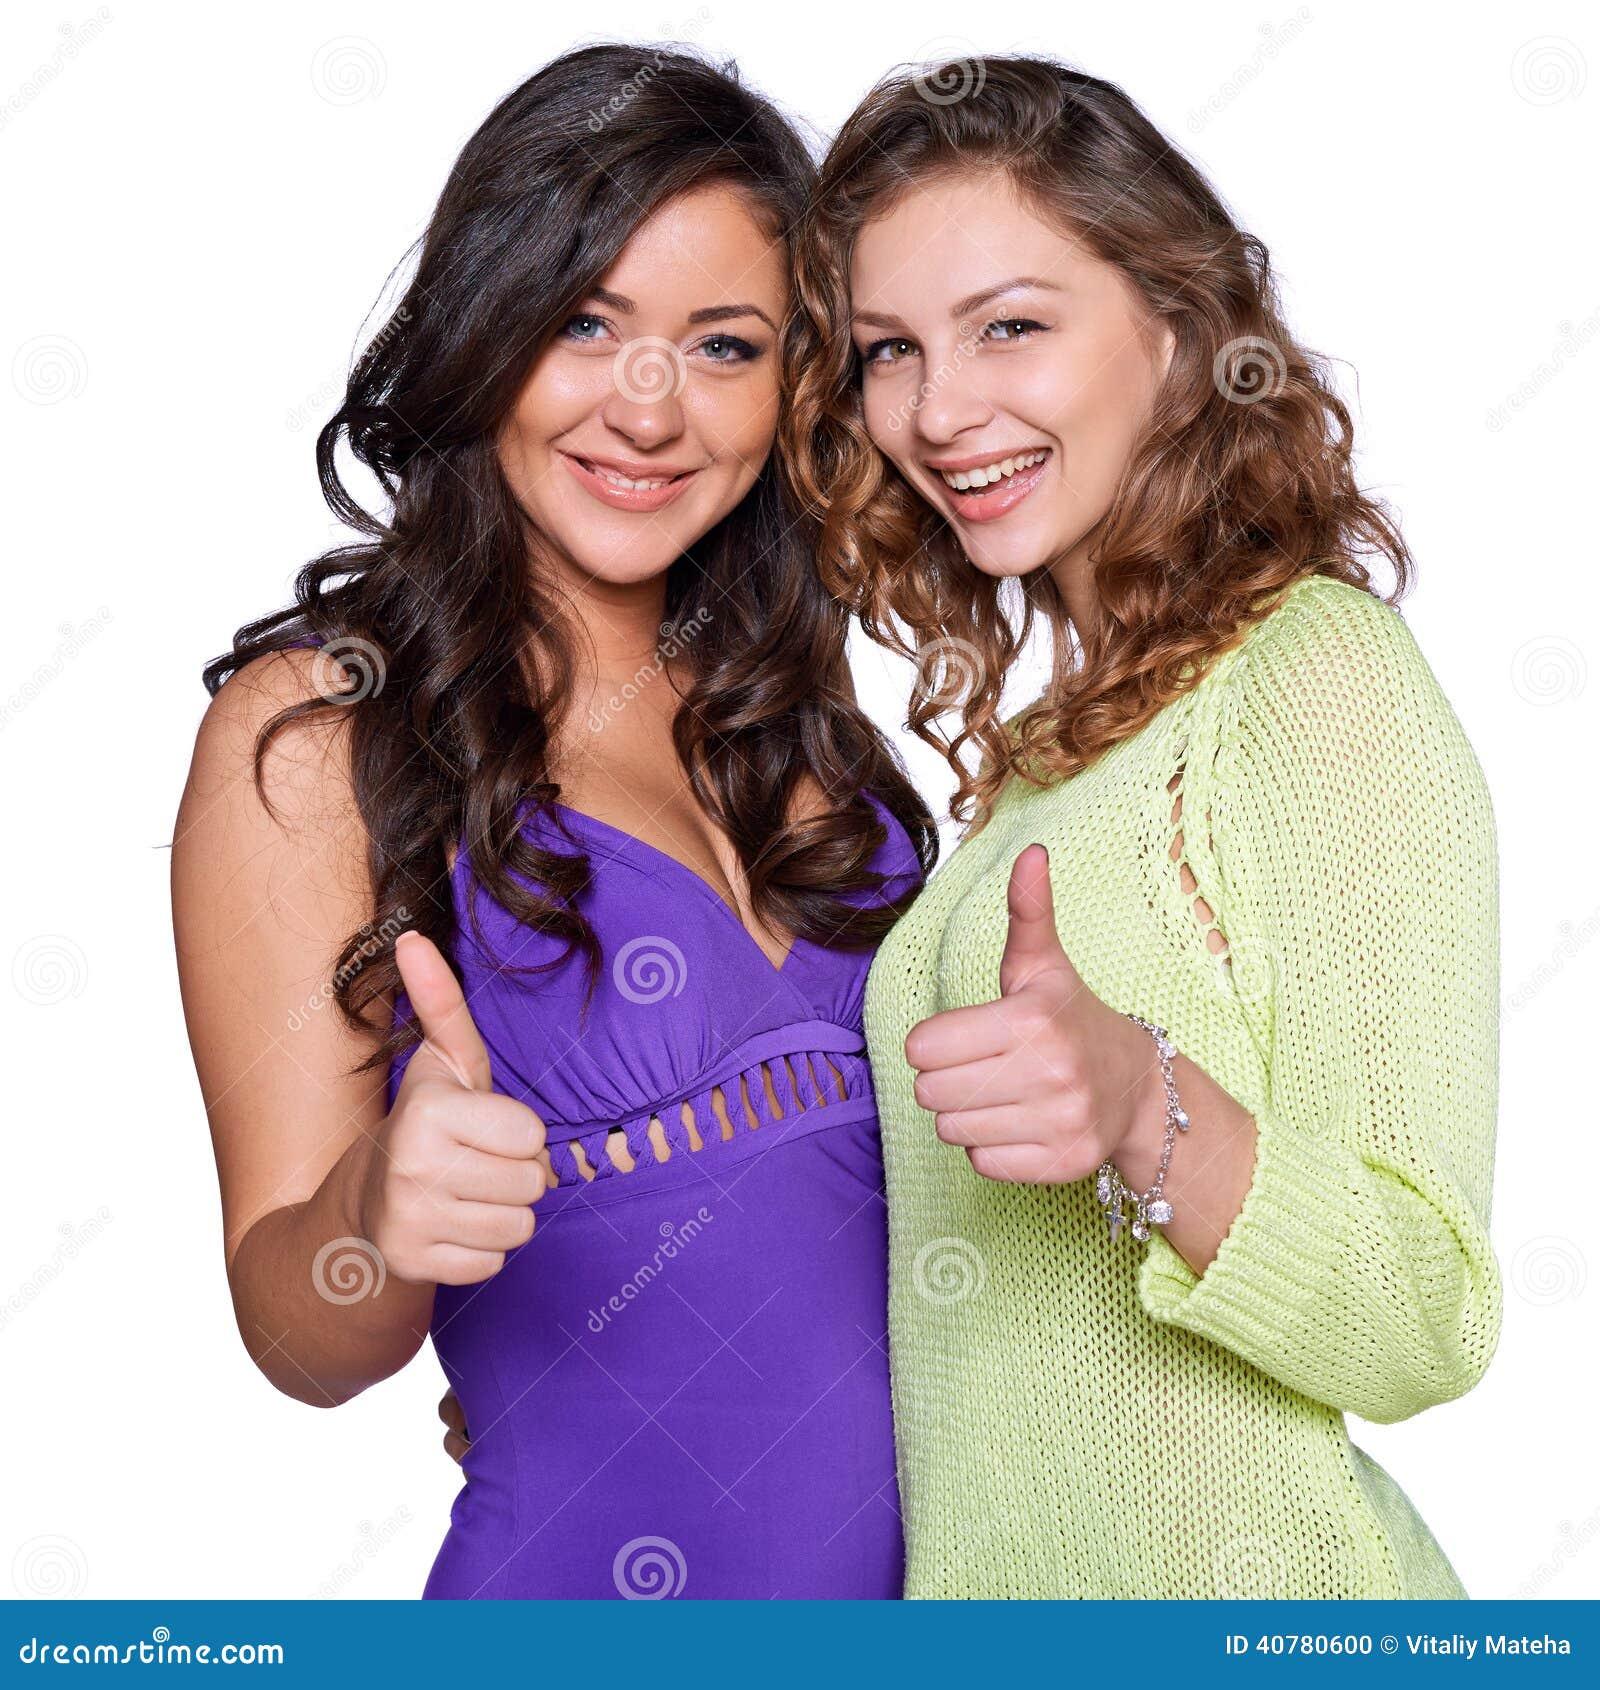 Two smiling girls